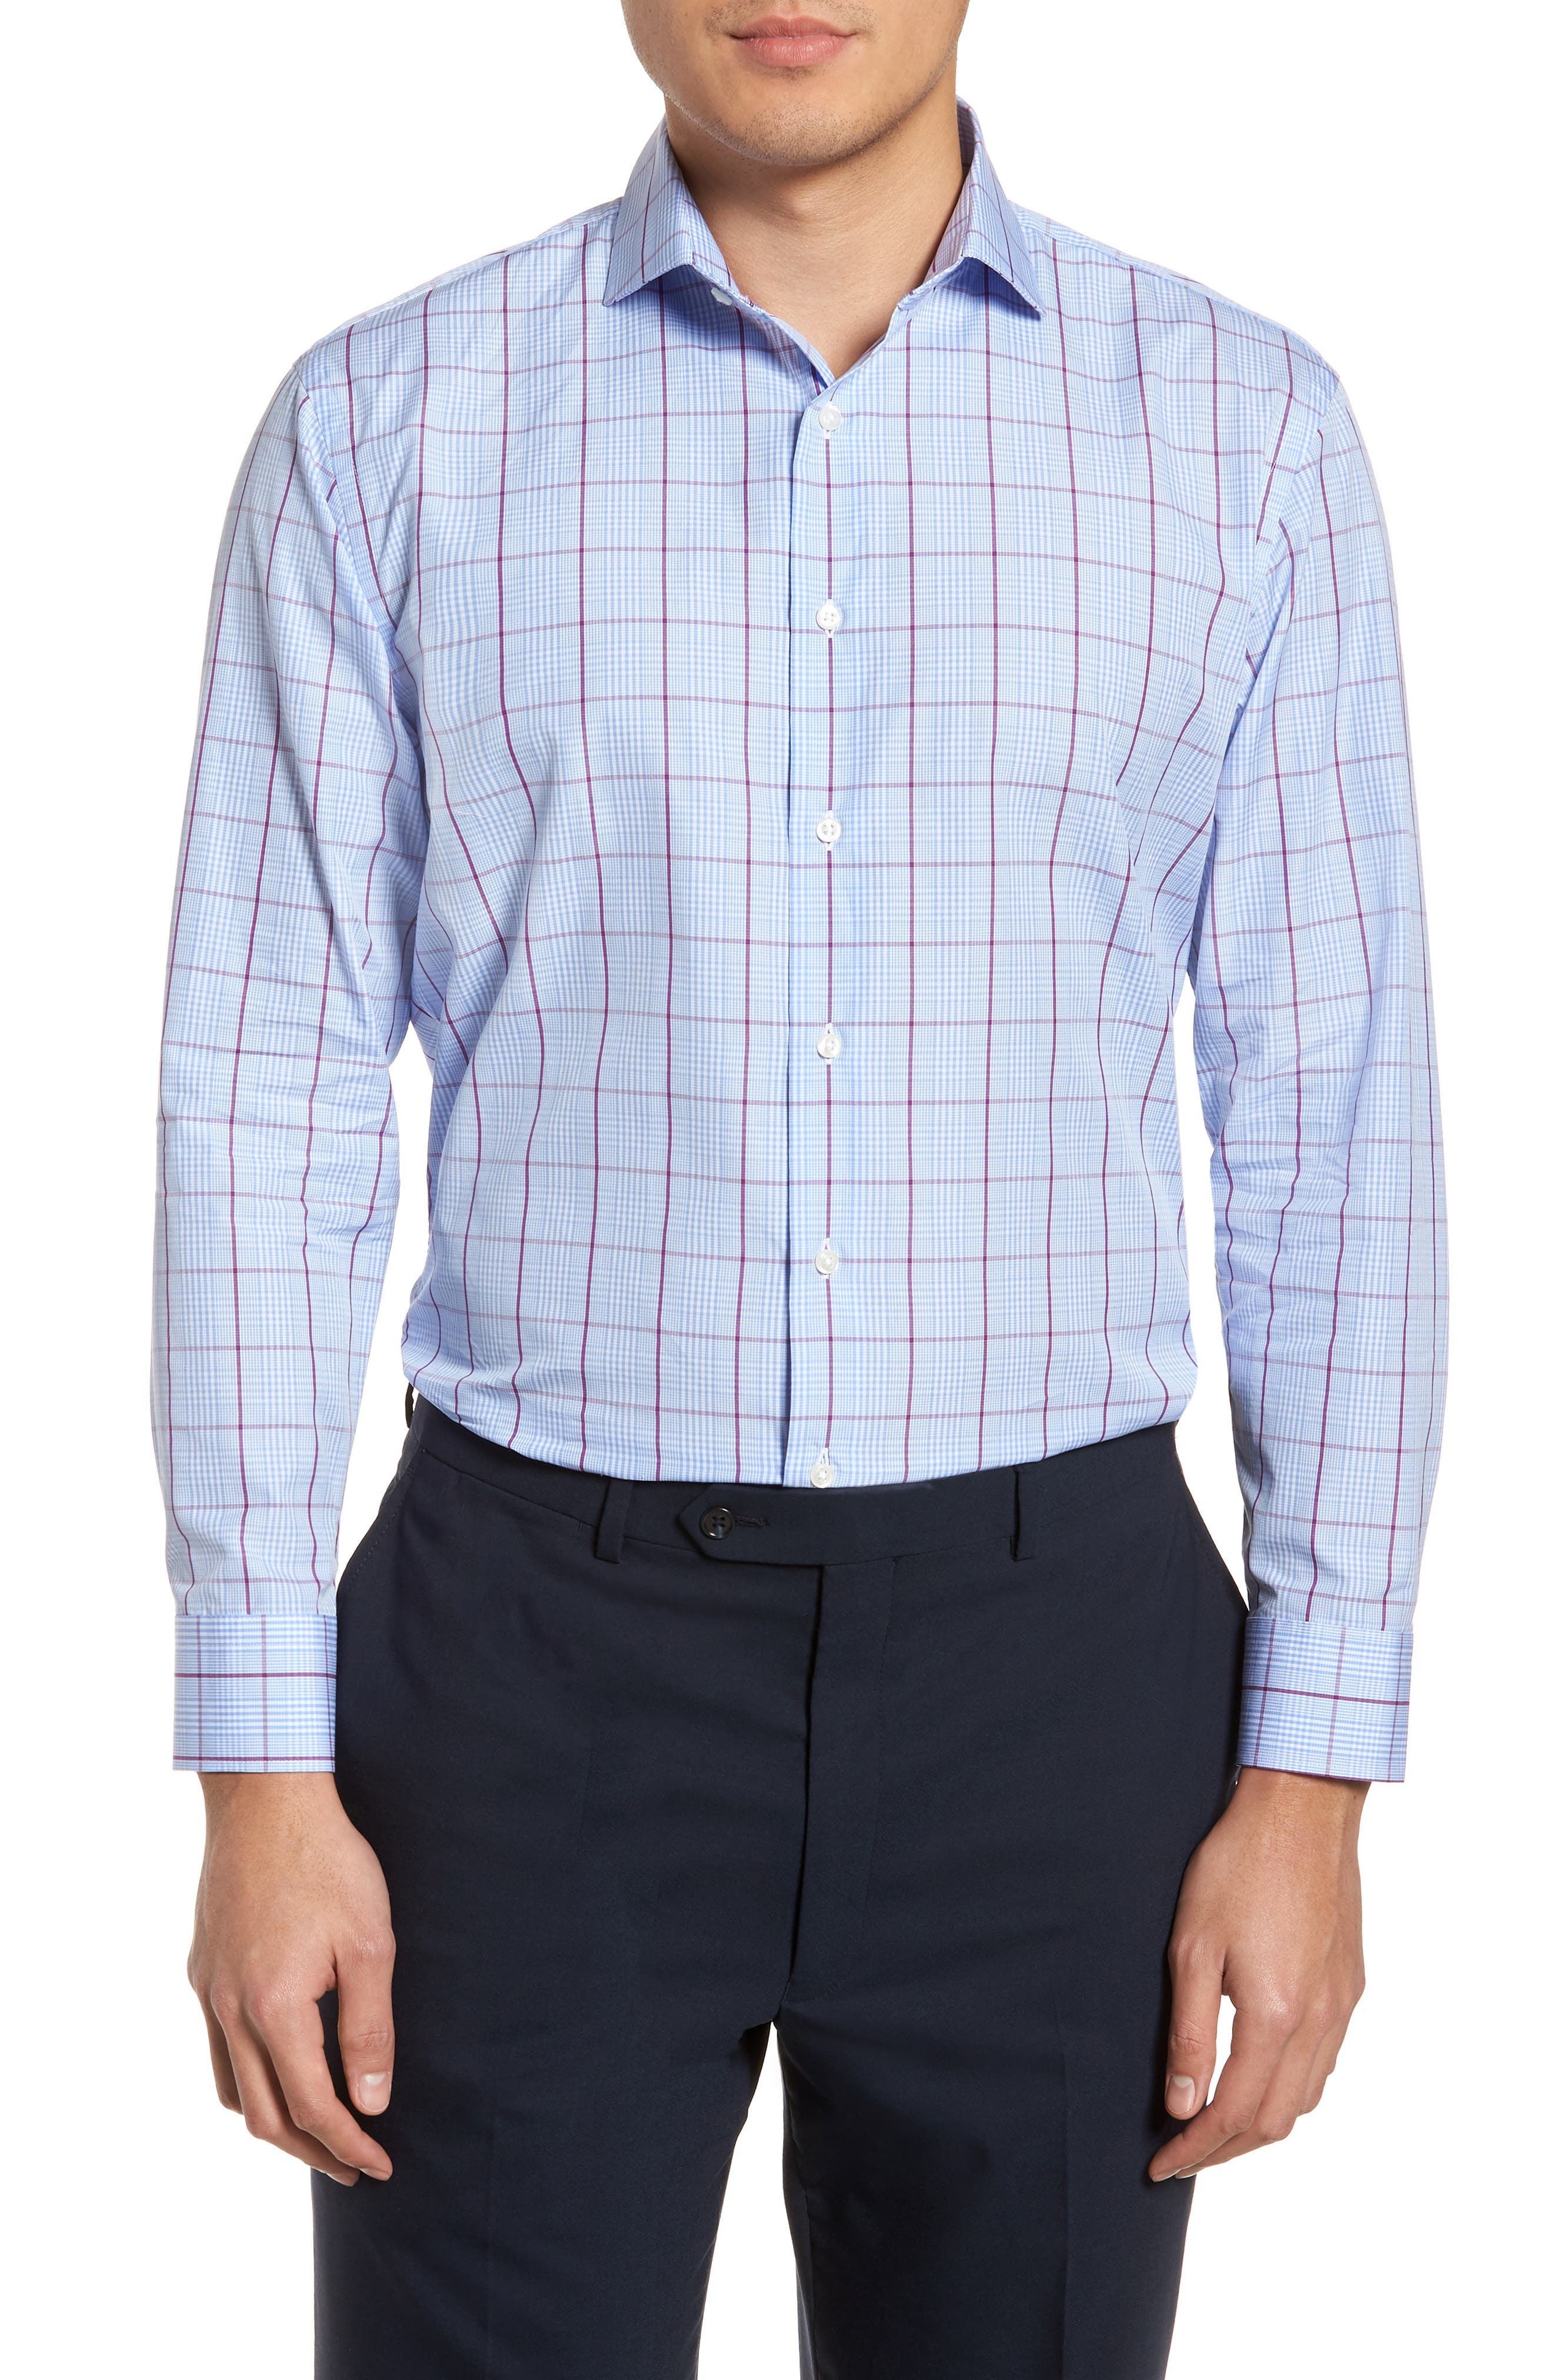 Main Image - Nordstrom Men's Shop Trim Fit Plaid Dress Shirt